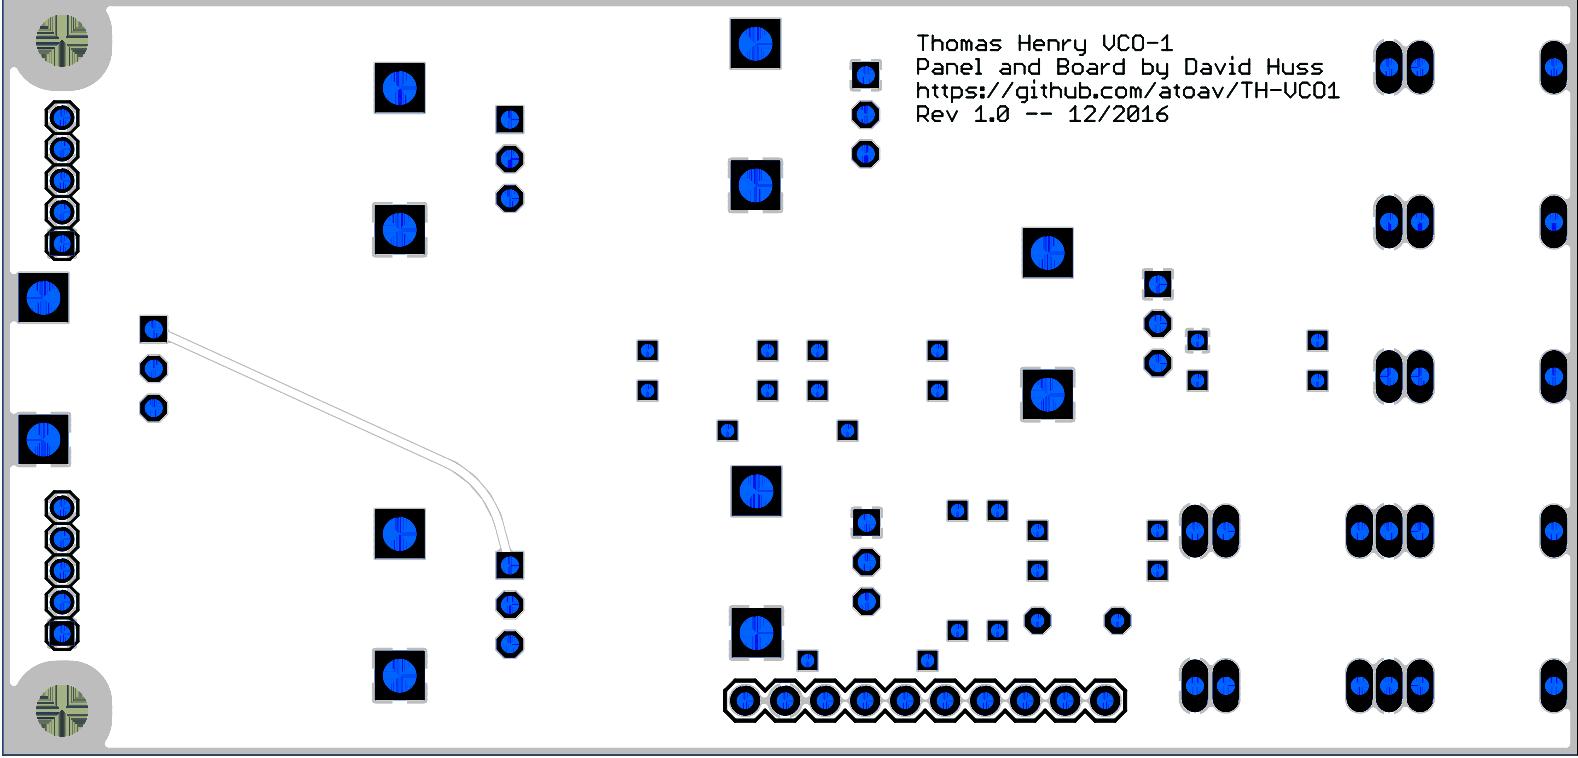 th-vco1/DIY_Manuals/Pots_Bottom.png